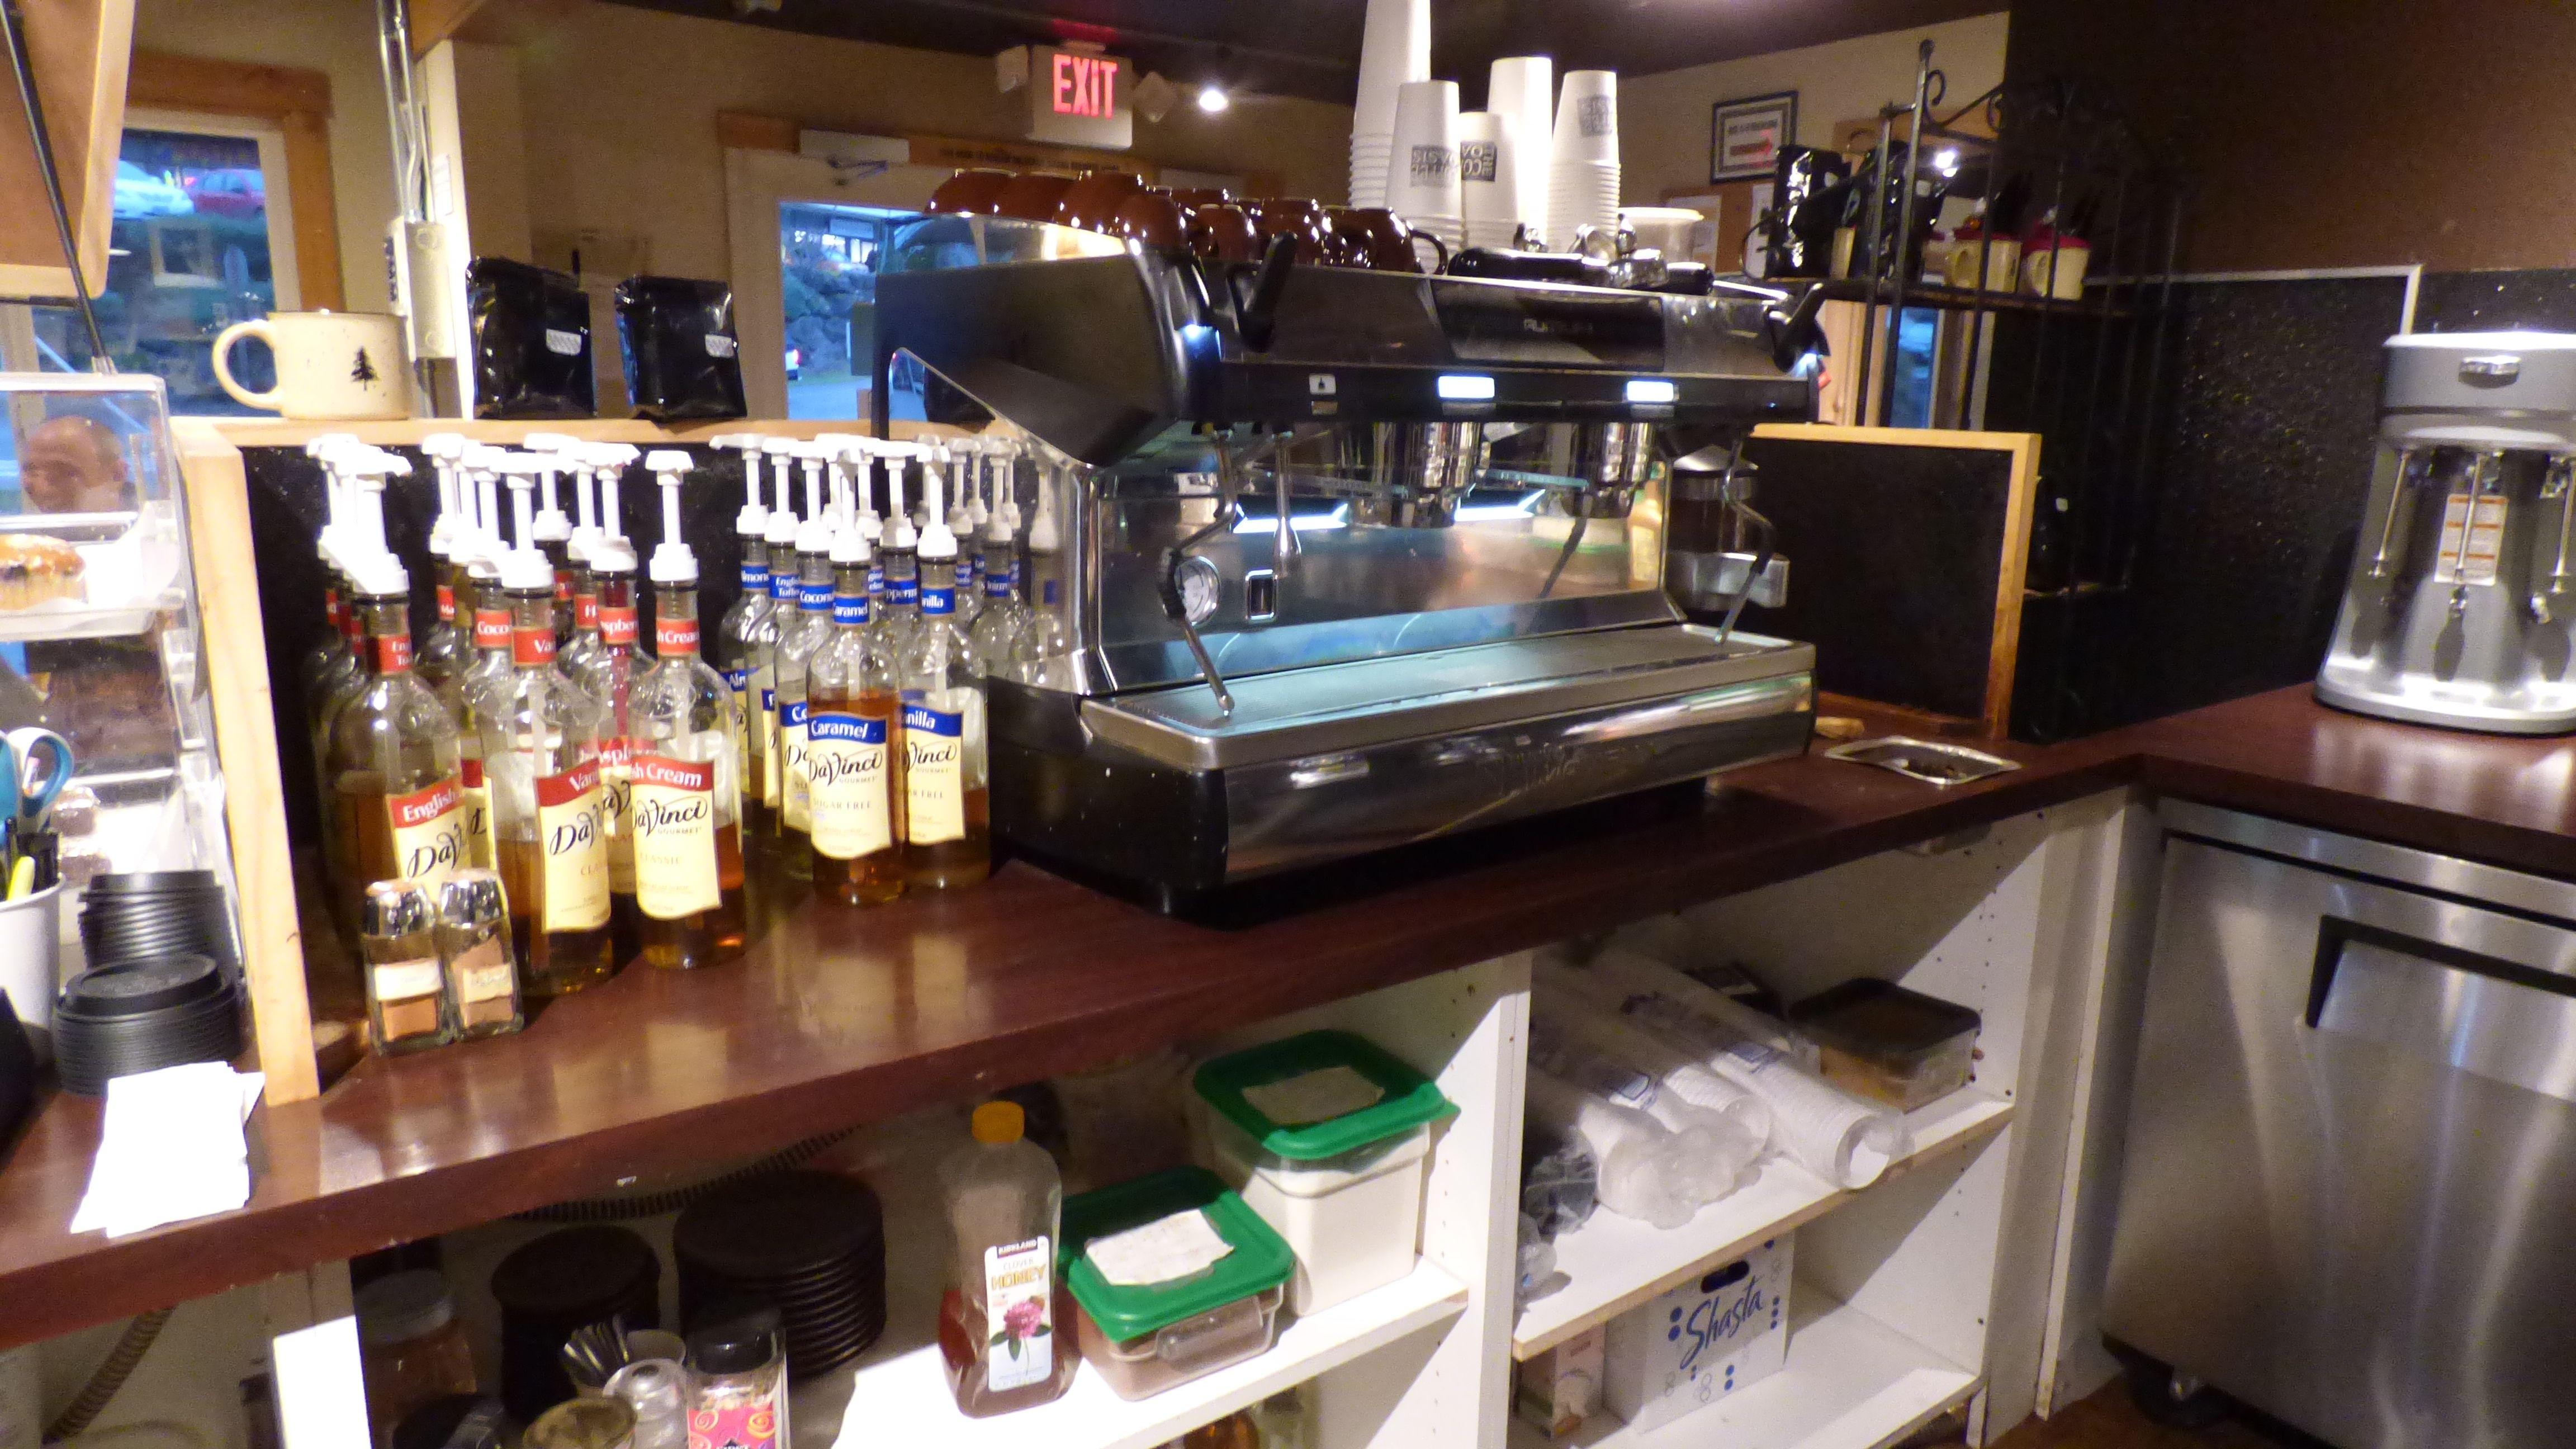 The Coffee Oasis Poulsbo Espresso Machine Kitsap Charity Kitsapcares Bremerton Poulsbo Port Orchard Photo Ken R Coffee Shop Business Poulsbo Coffee Shop